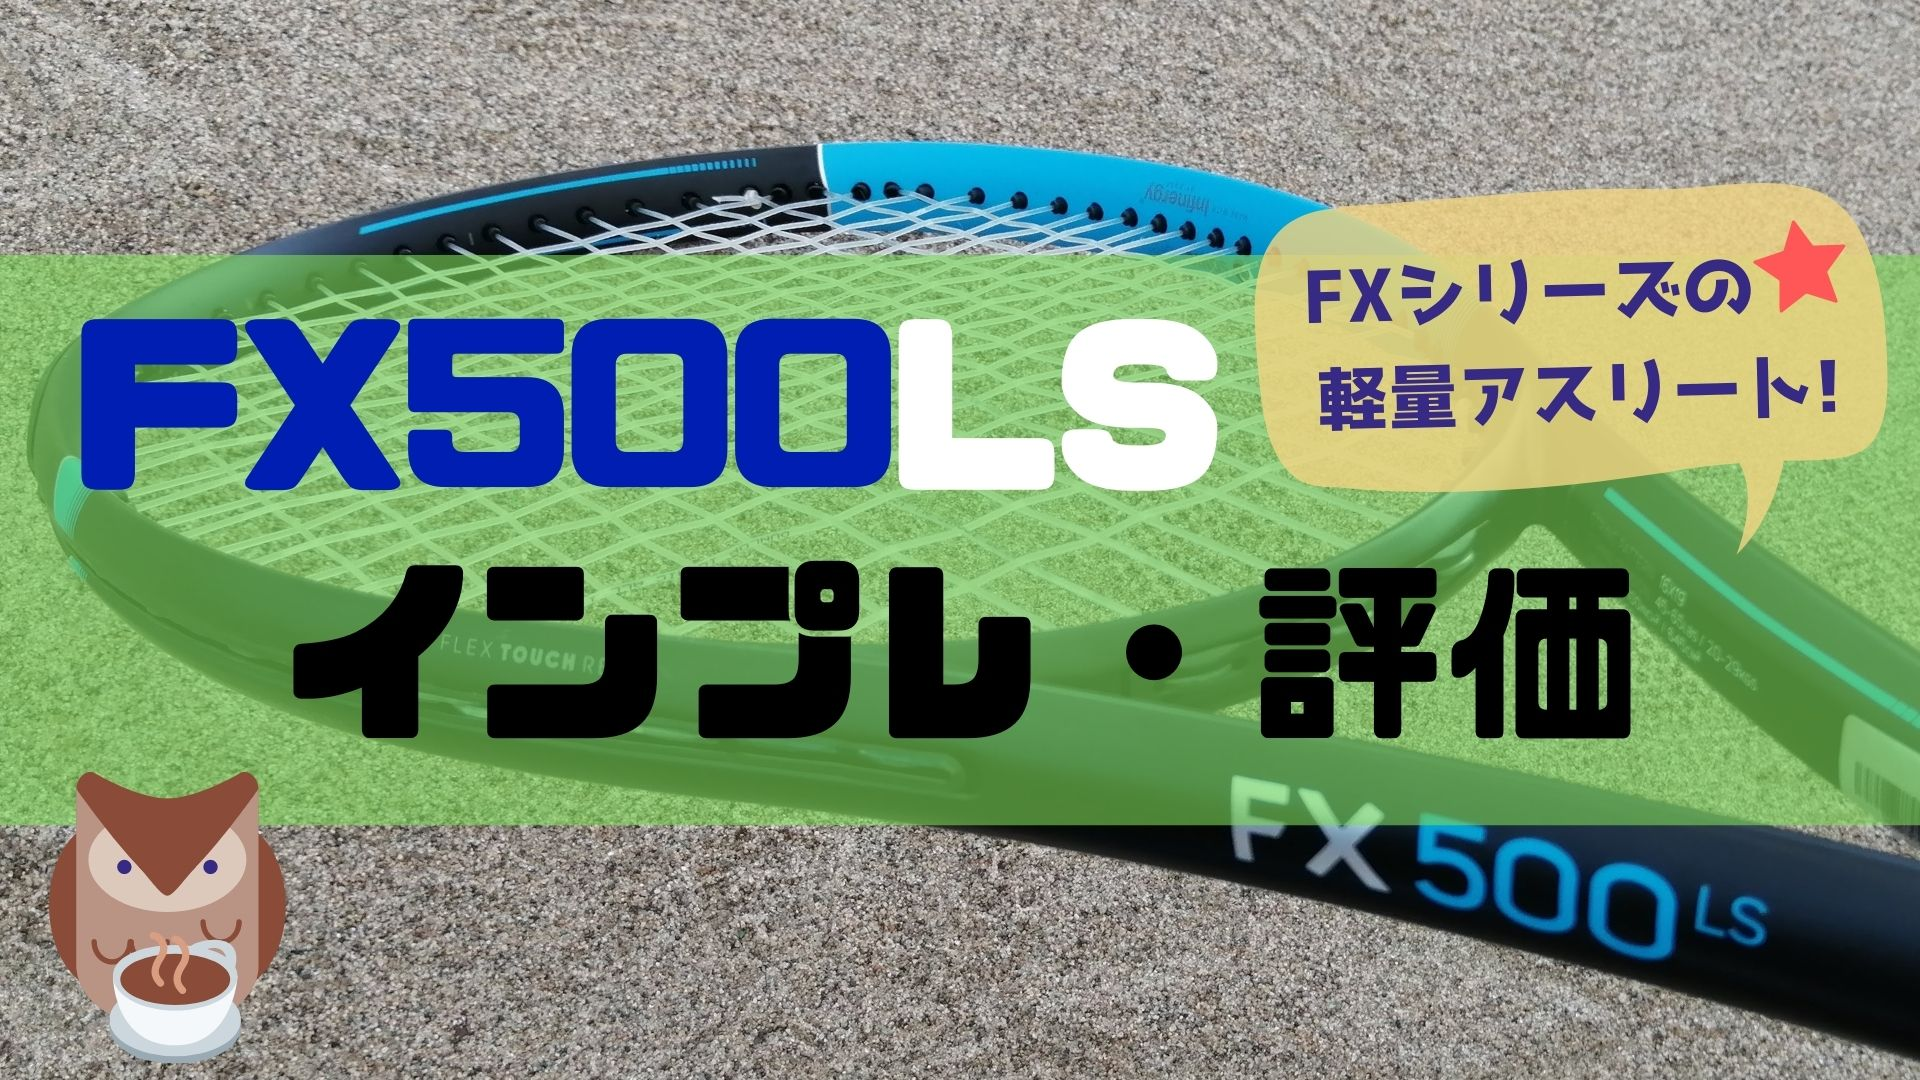 FX500LS ダンロップ【インプレ評価】DUNLOP 新FXシリーズ